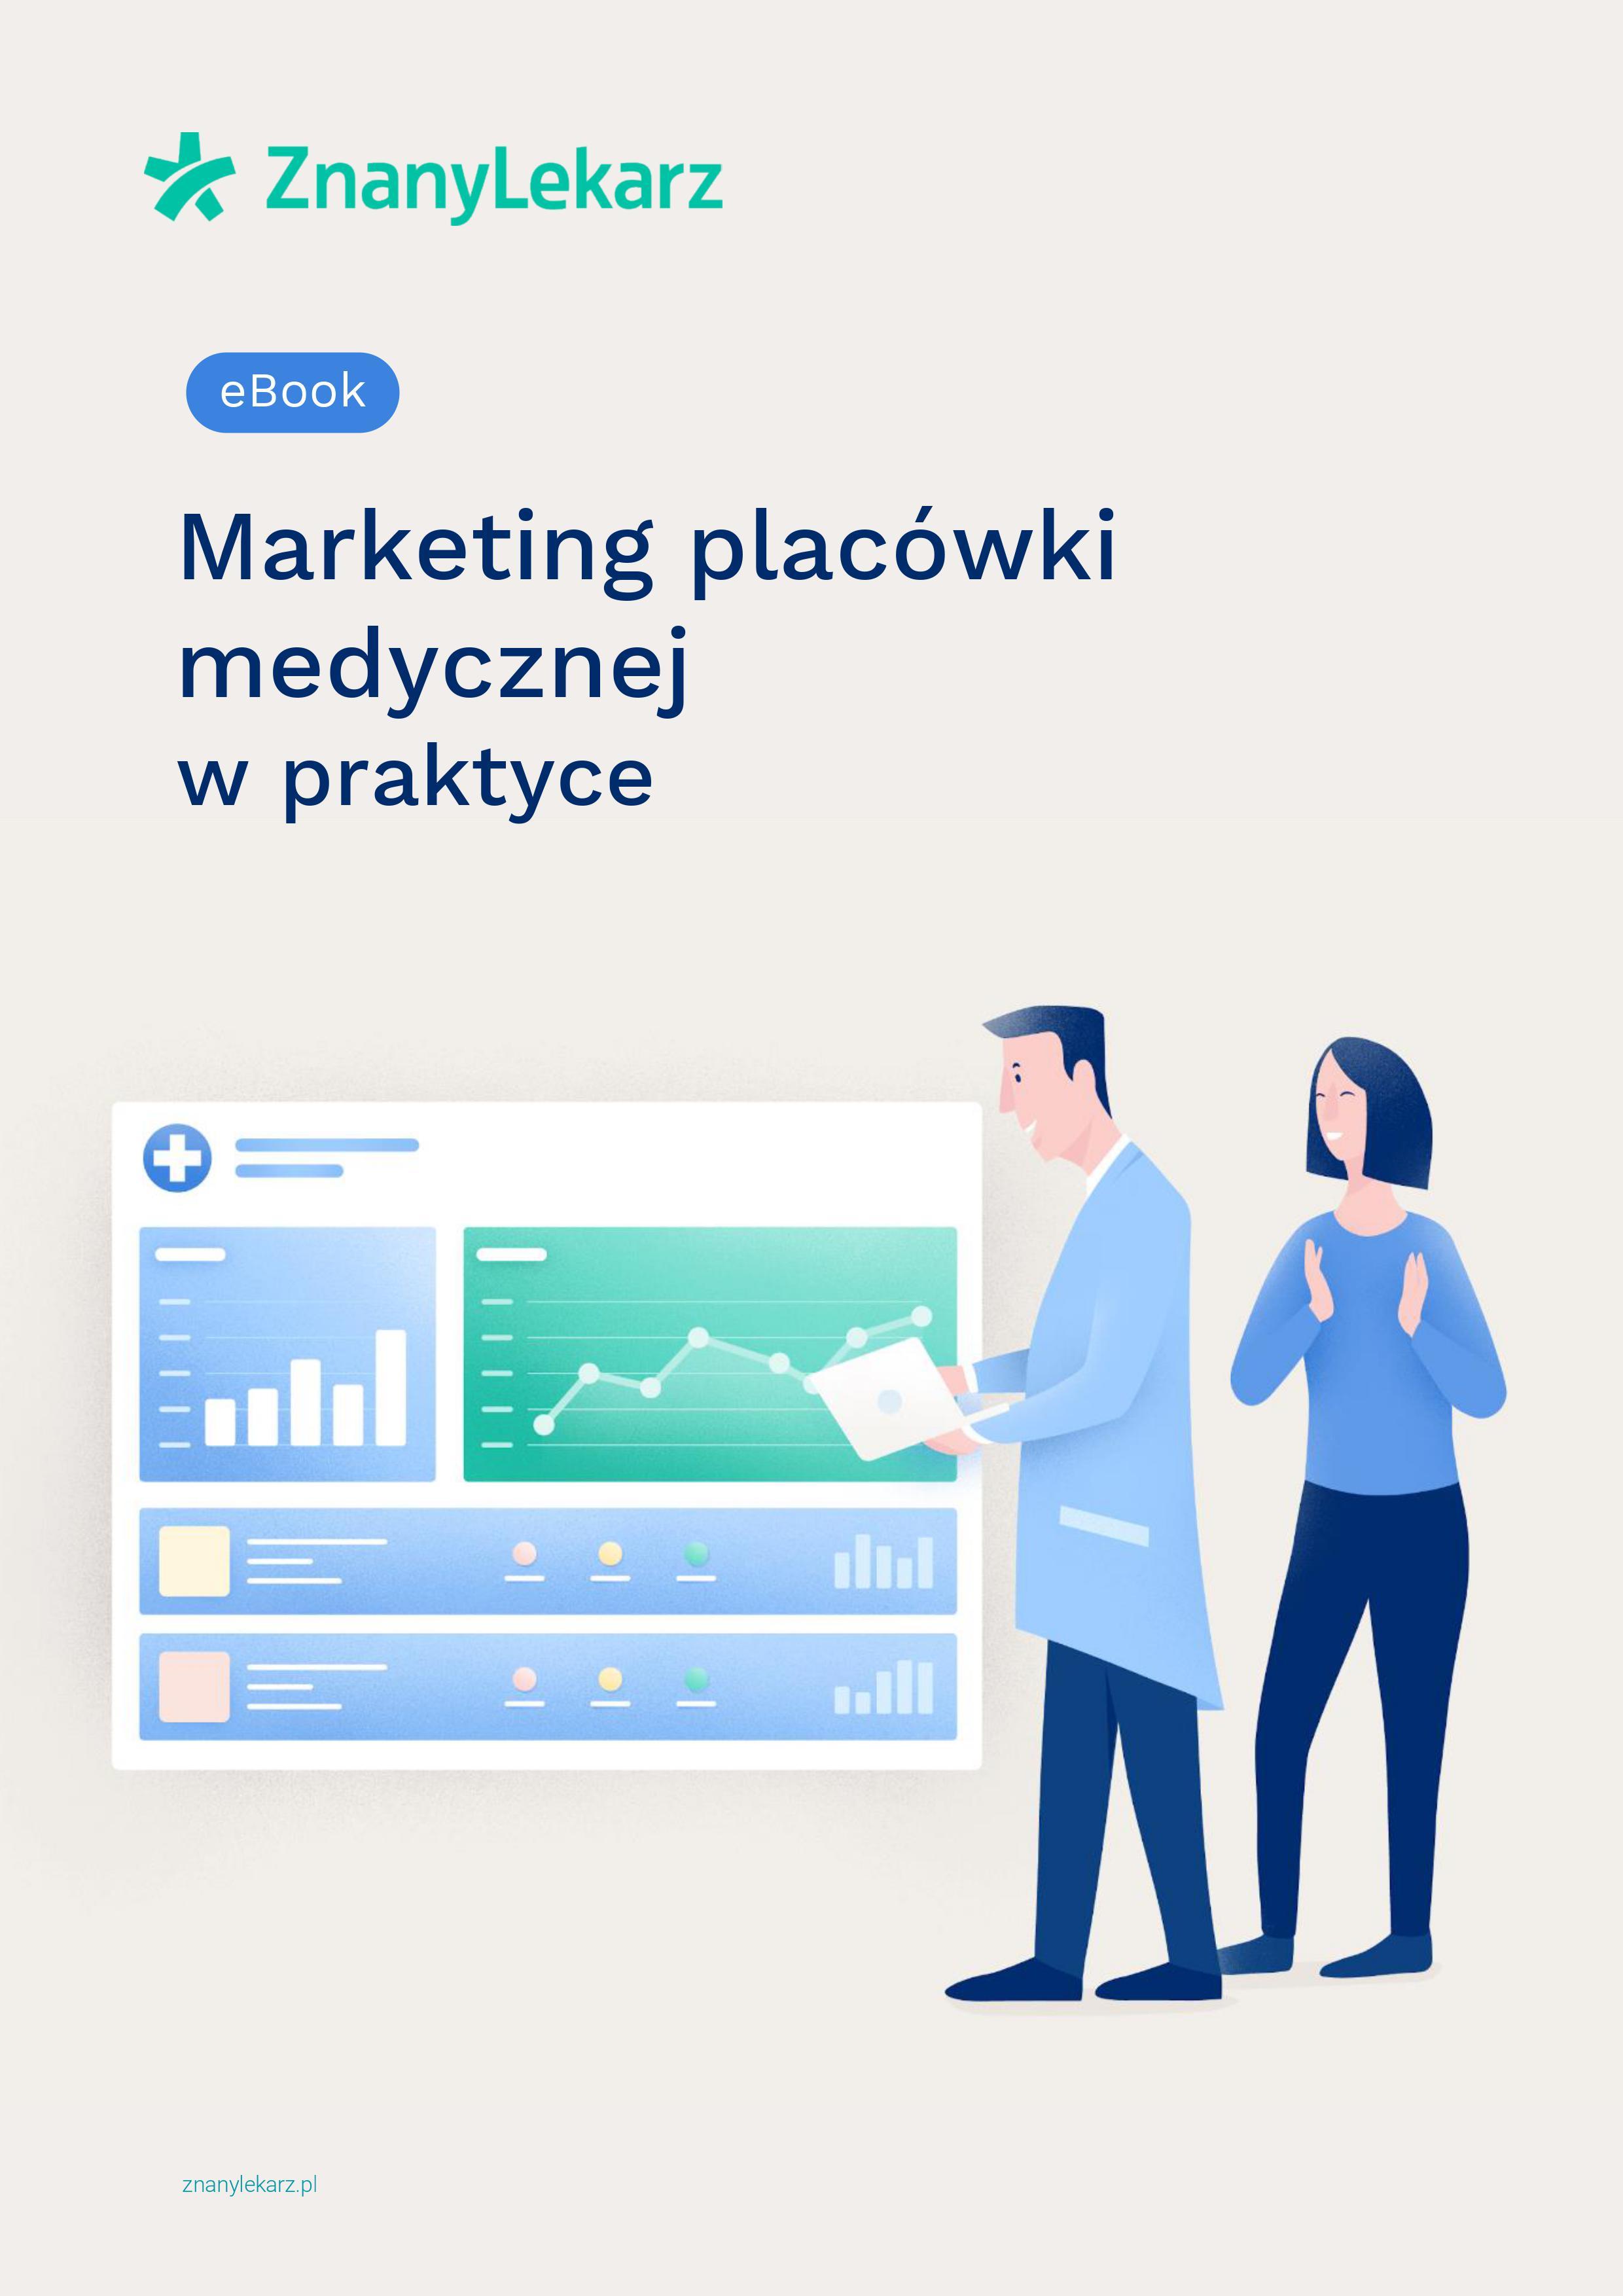 pl-ebook-cover-marketing-placowki-medycznej-w-praktyce-hq